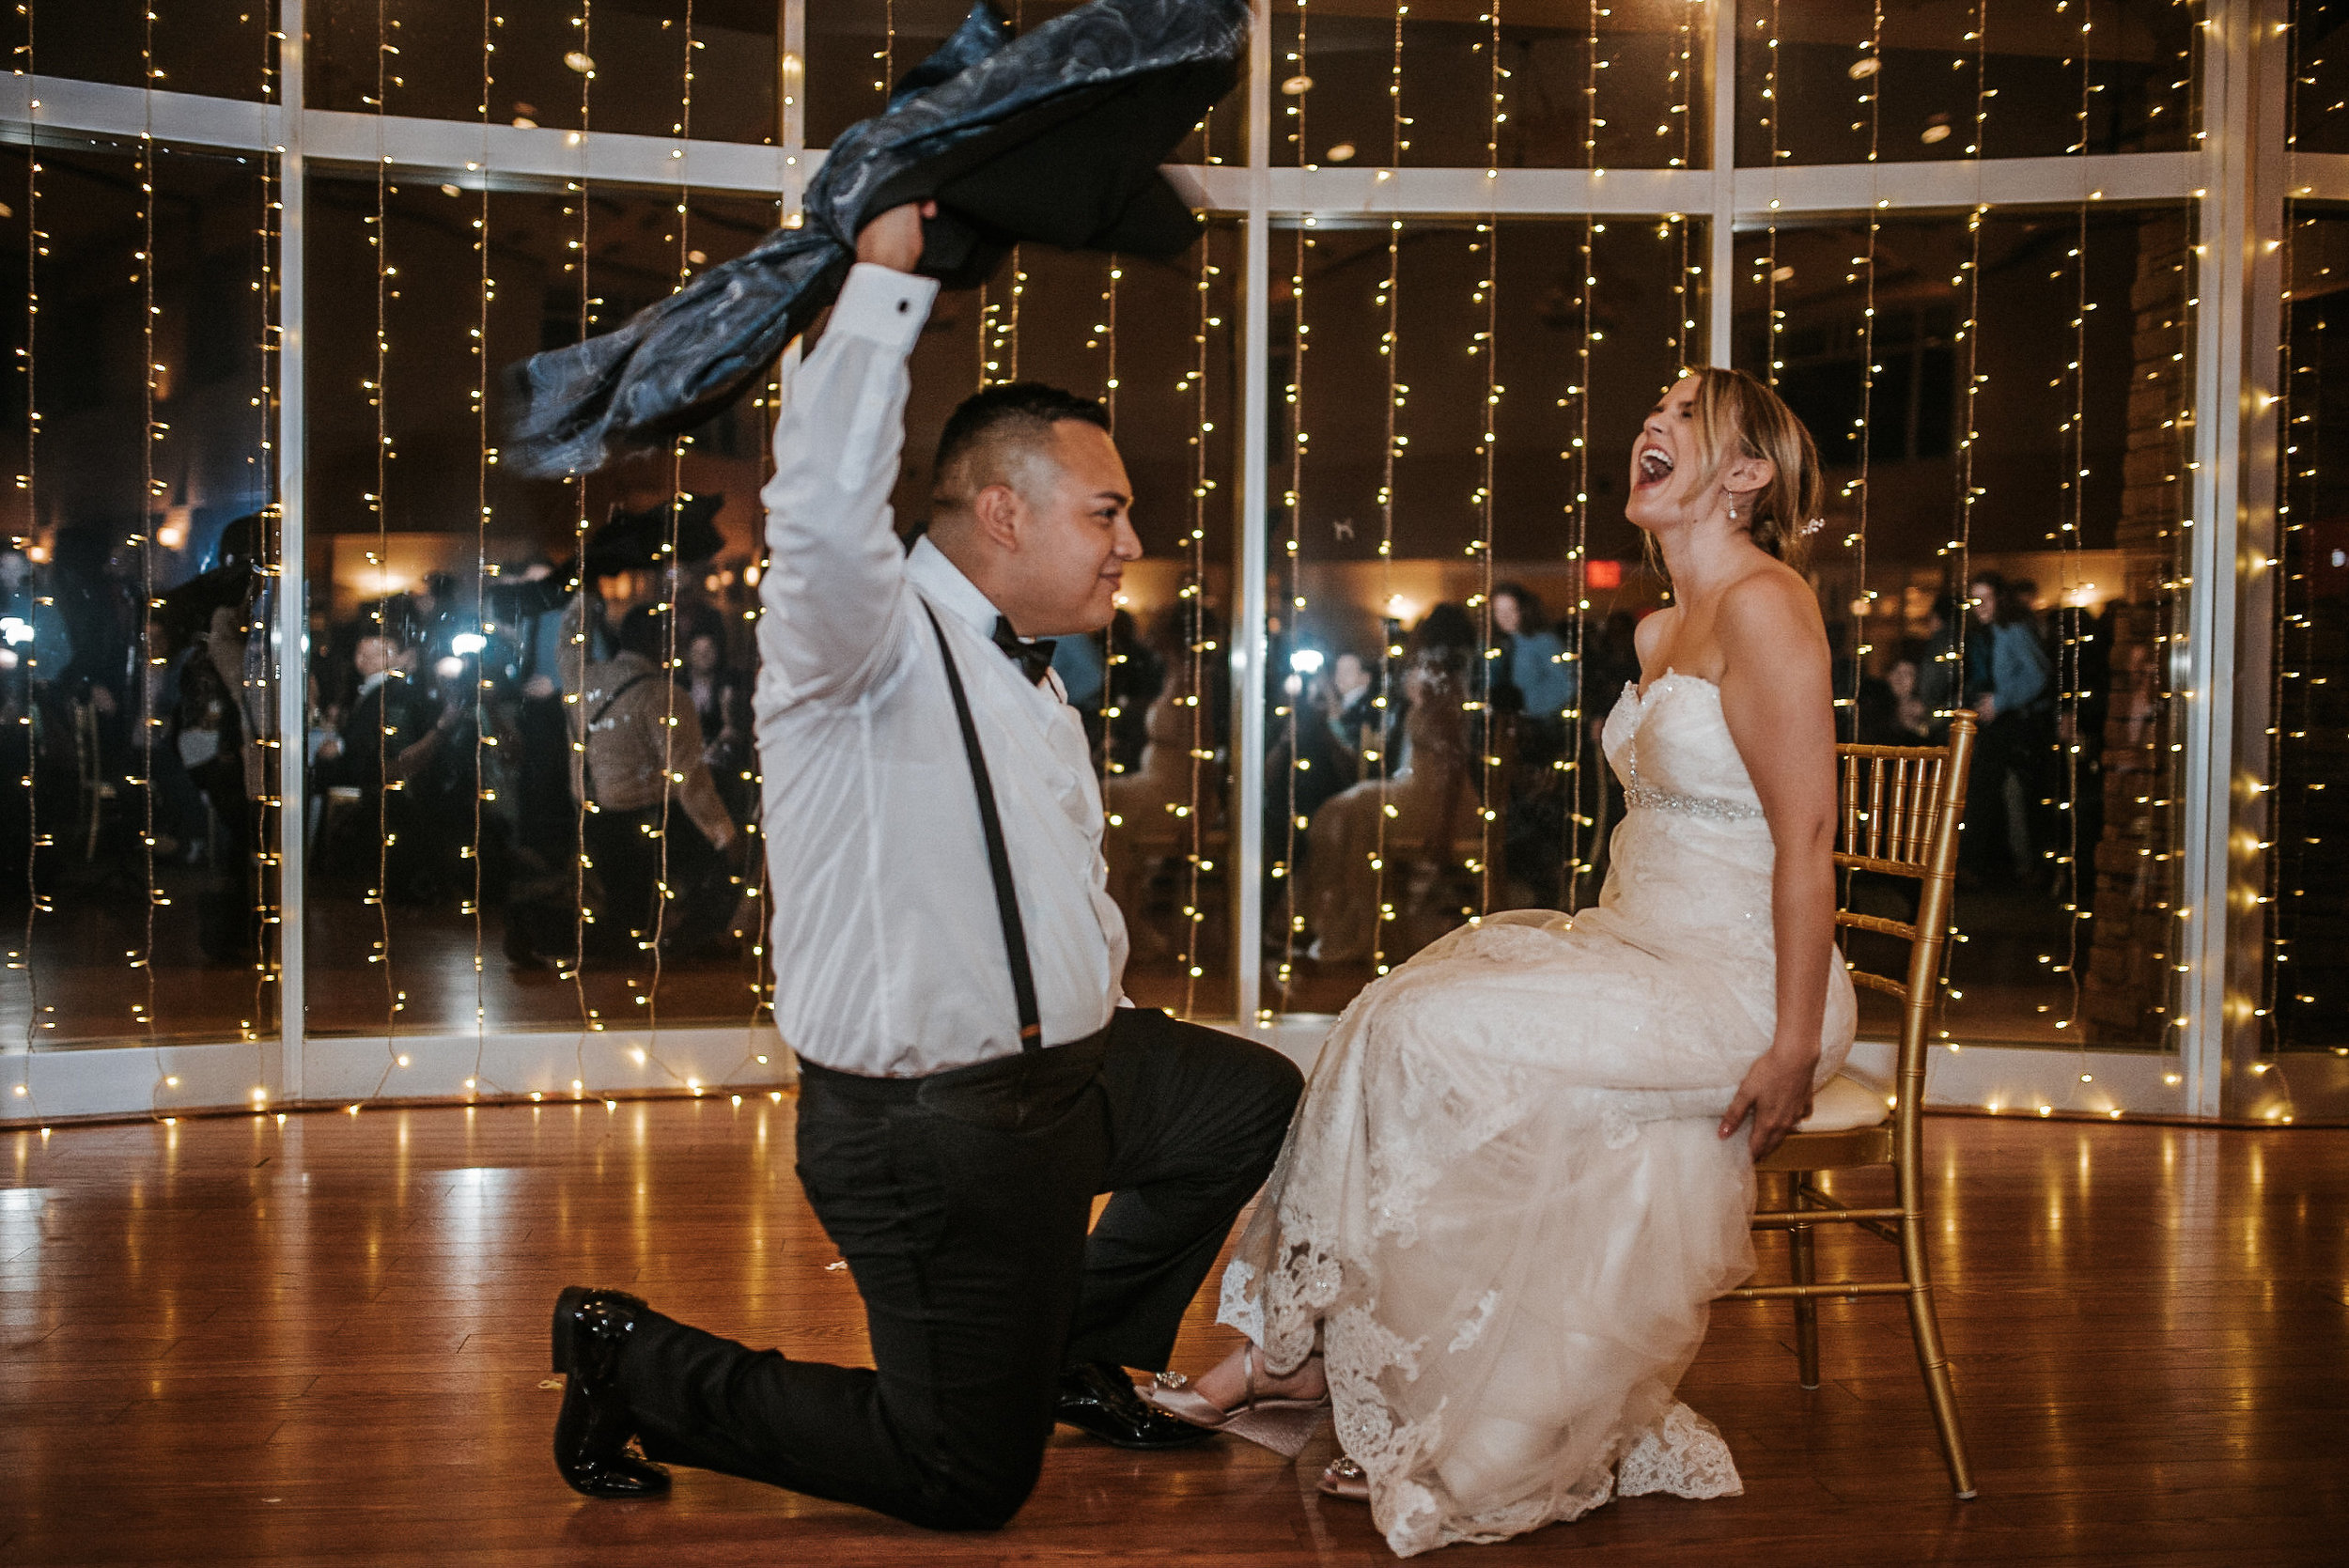 Garter toss at wedding reception